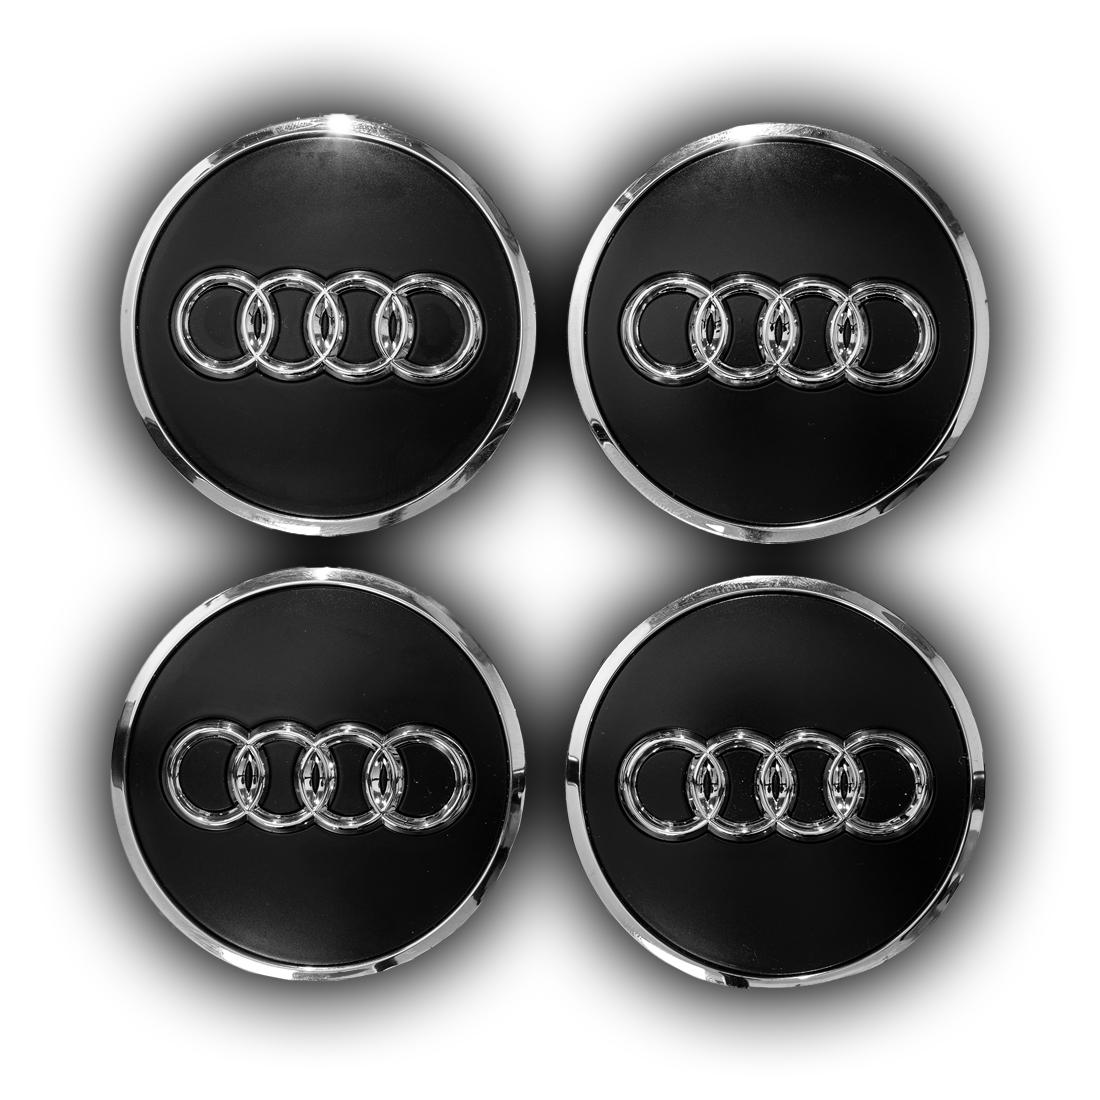 Audi Radzierkappe Felgendeckel Nabendeckel glänzend 4er Set